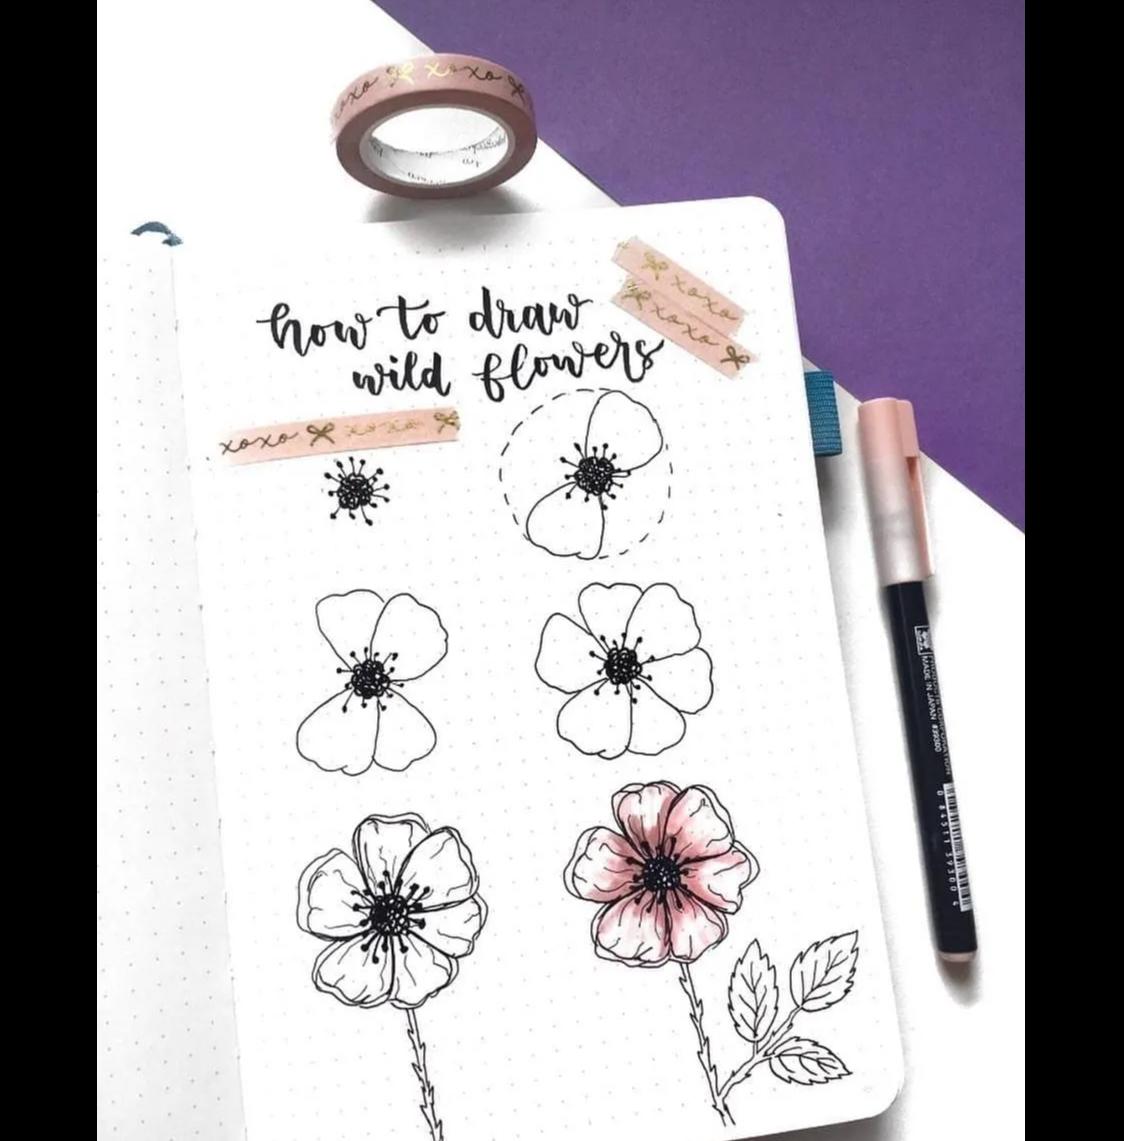 Hình tượng trưng hoa dại